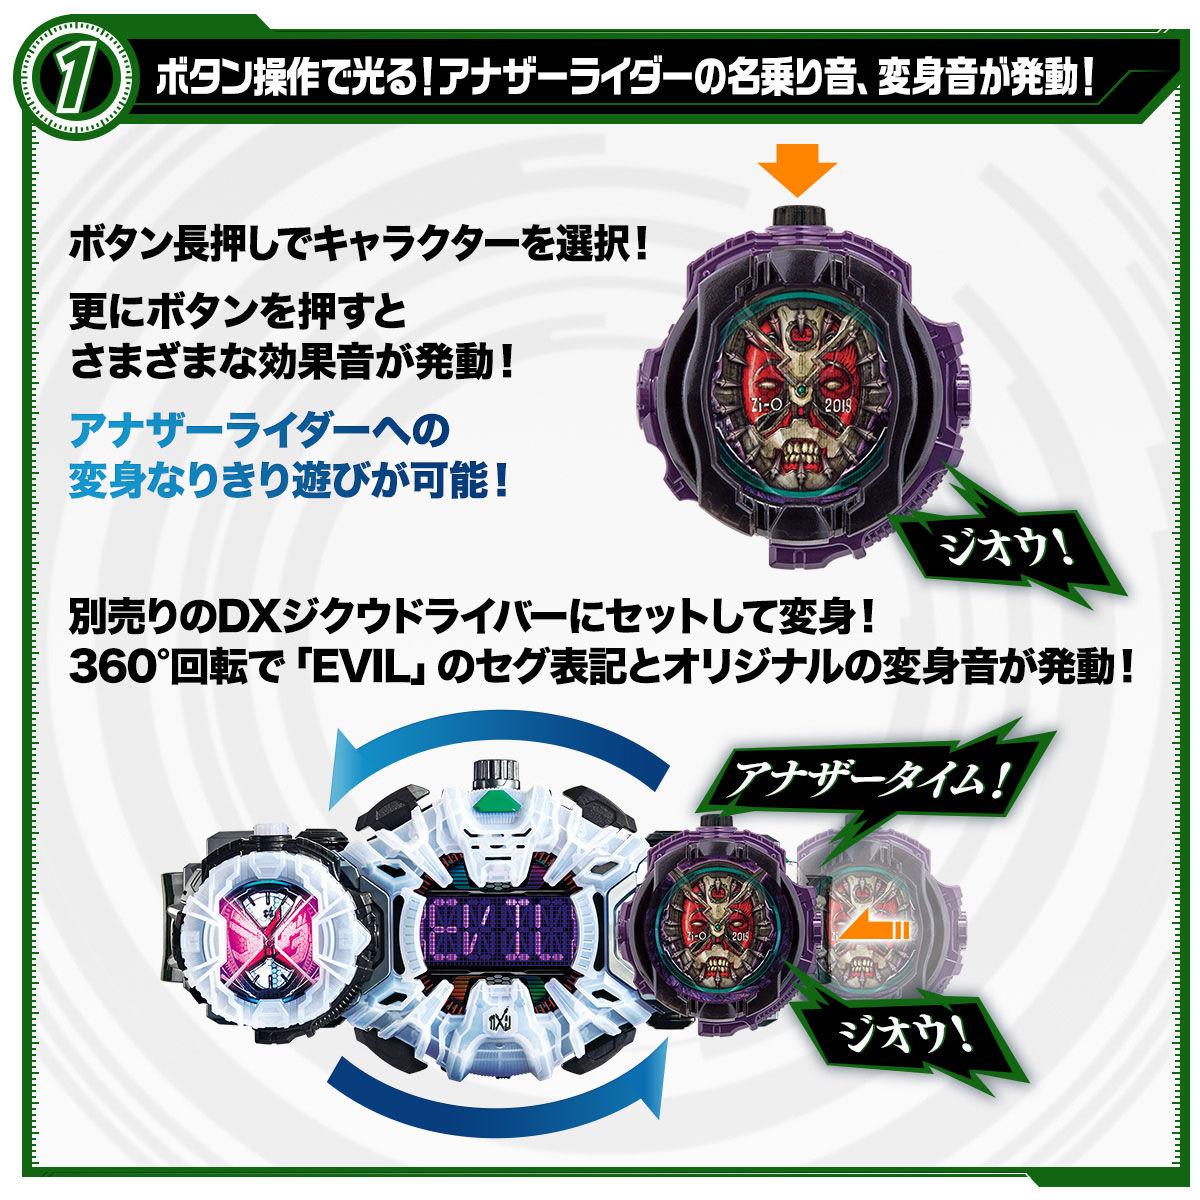 仮面ライダージオウ『DXアナザーウォッチセットVOL.3』変身なりきり-002